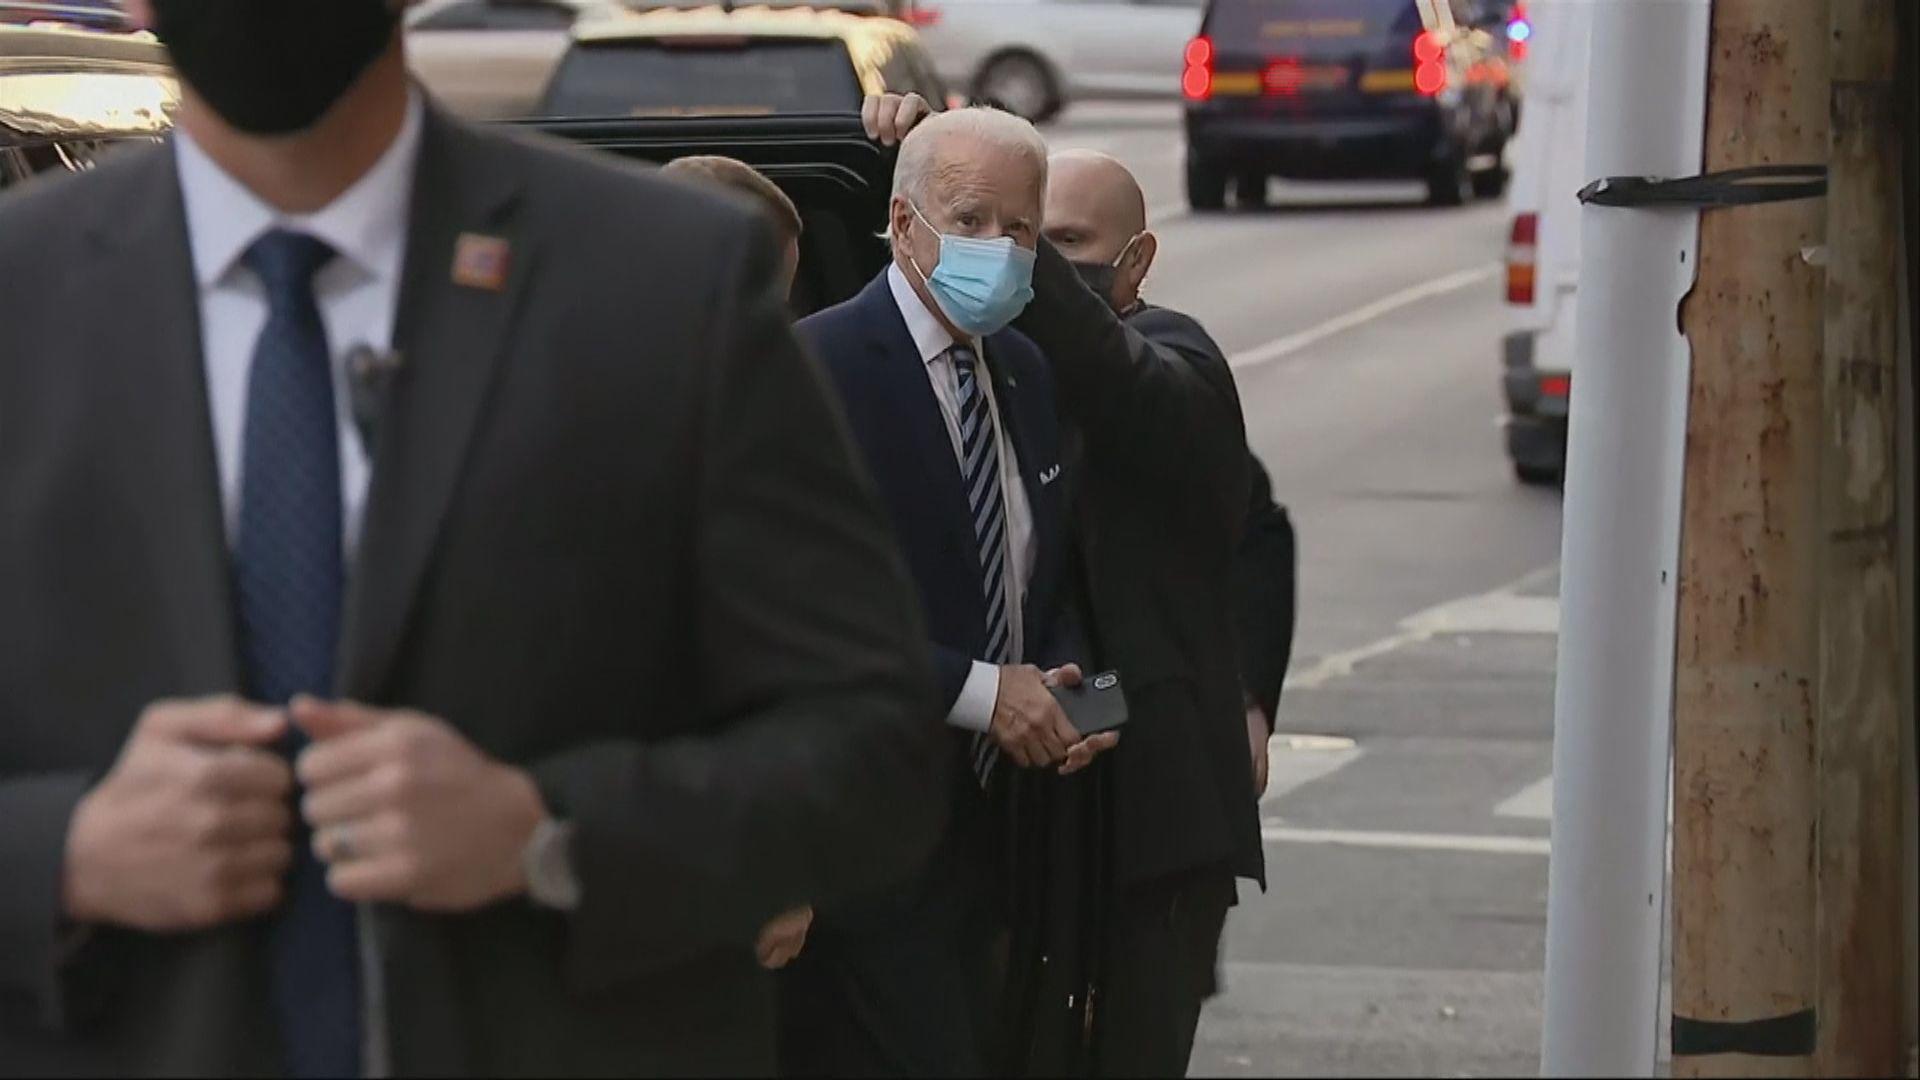 拜登:上任後將要求民眾戴口罩一百日抗疫